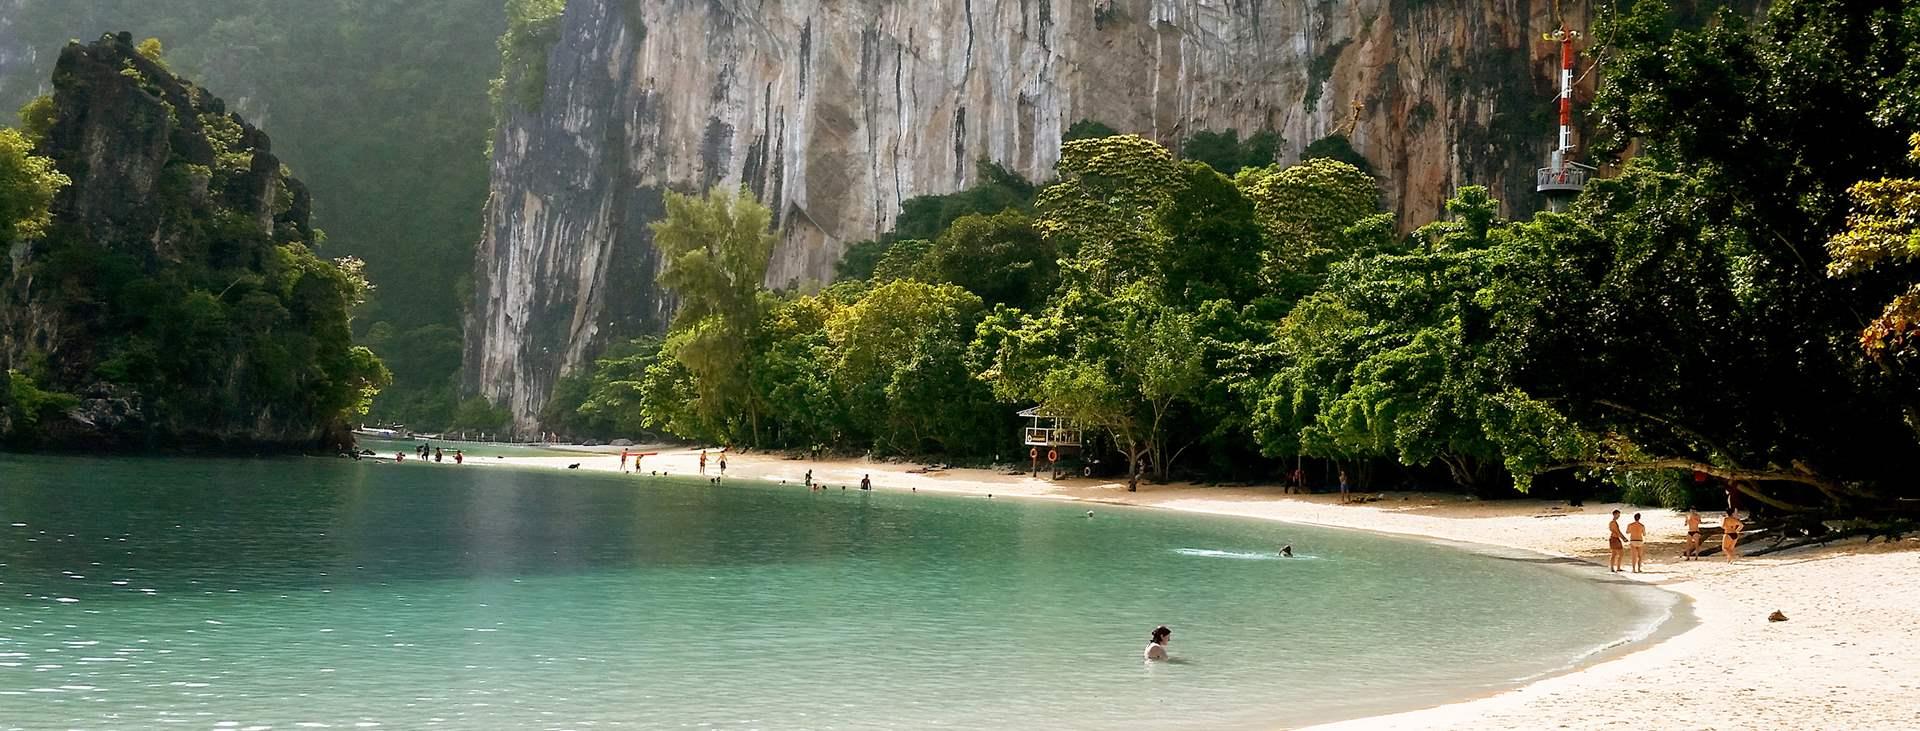 Boka en resa till solsäkra Thailand